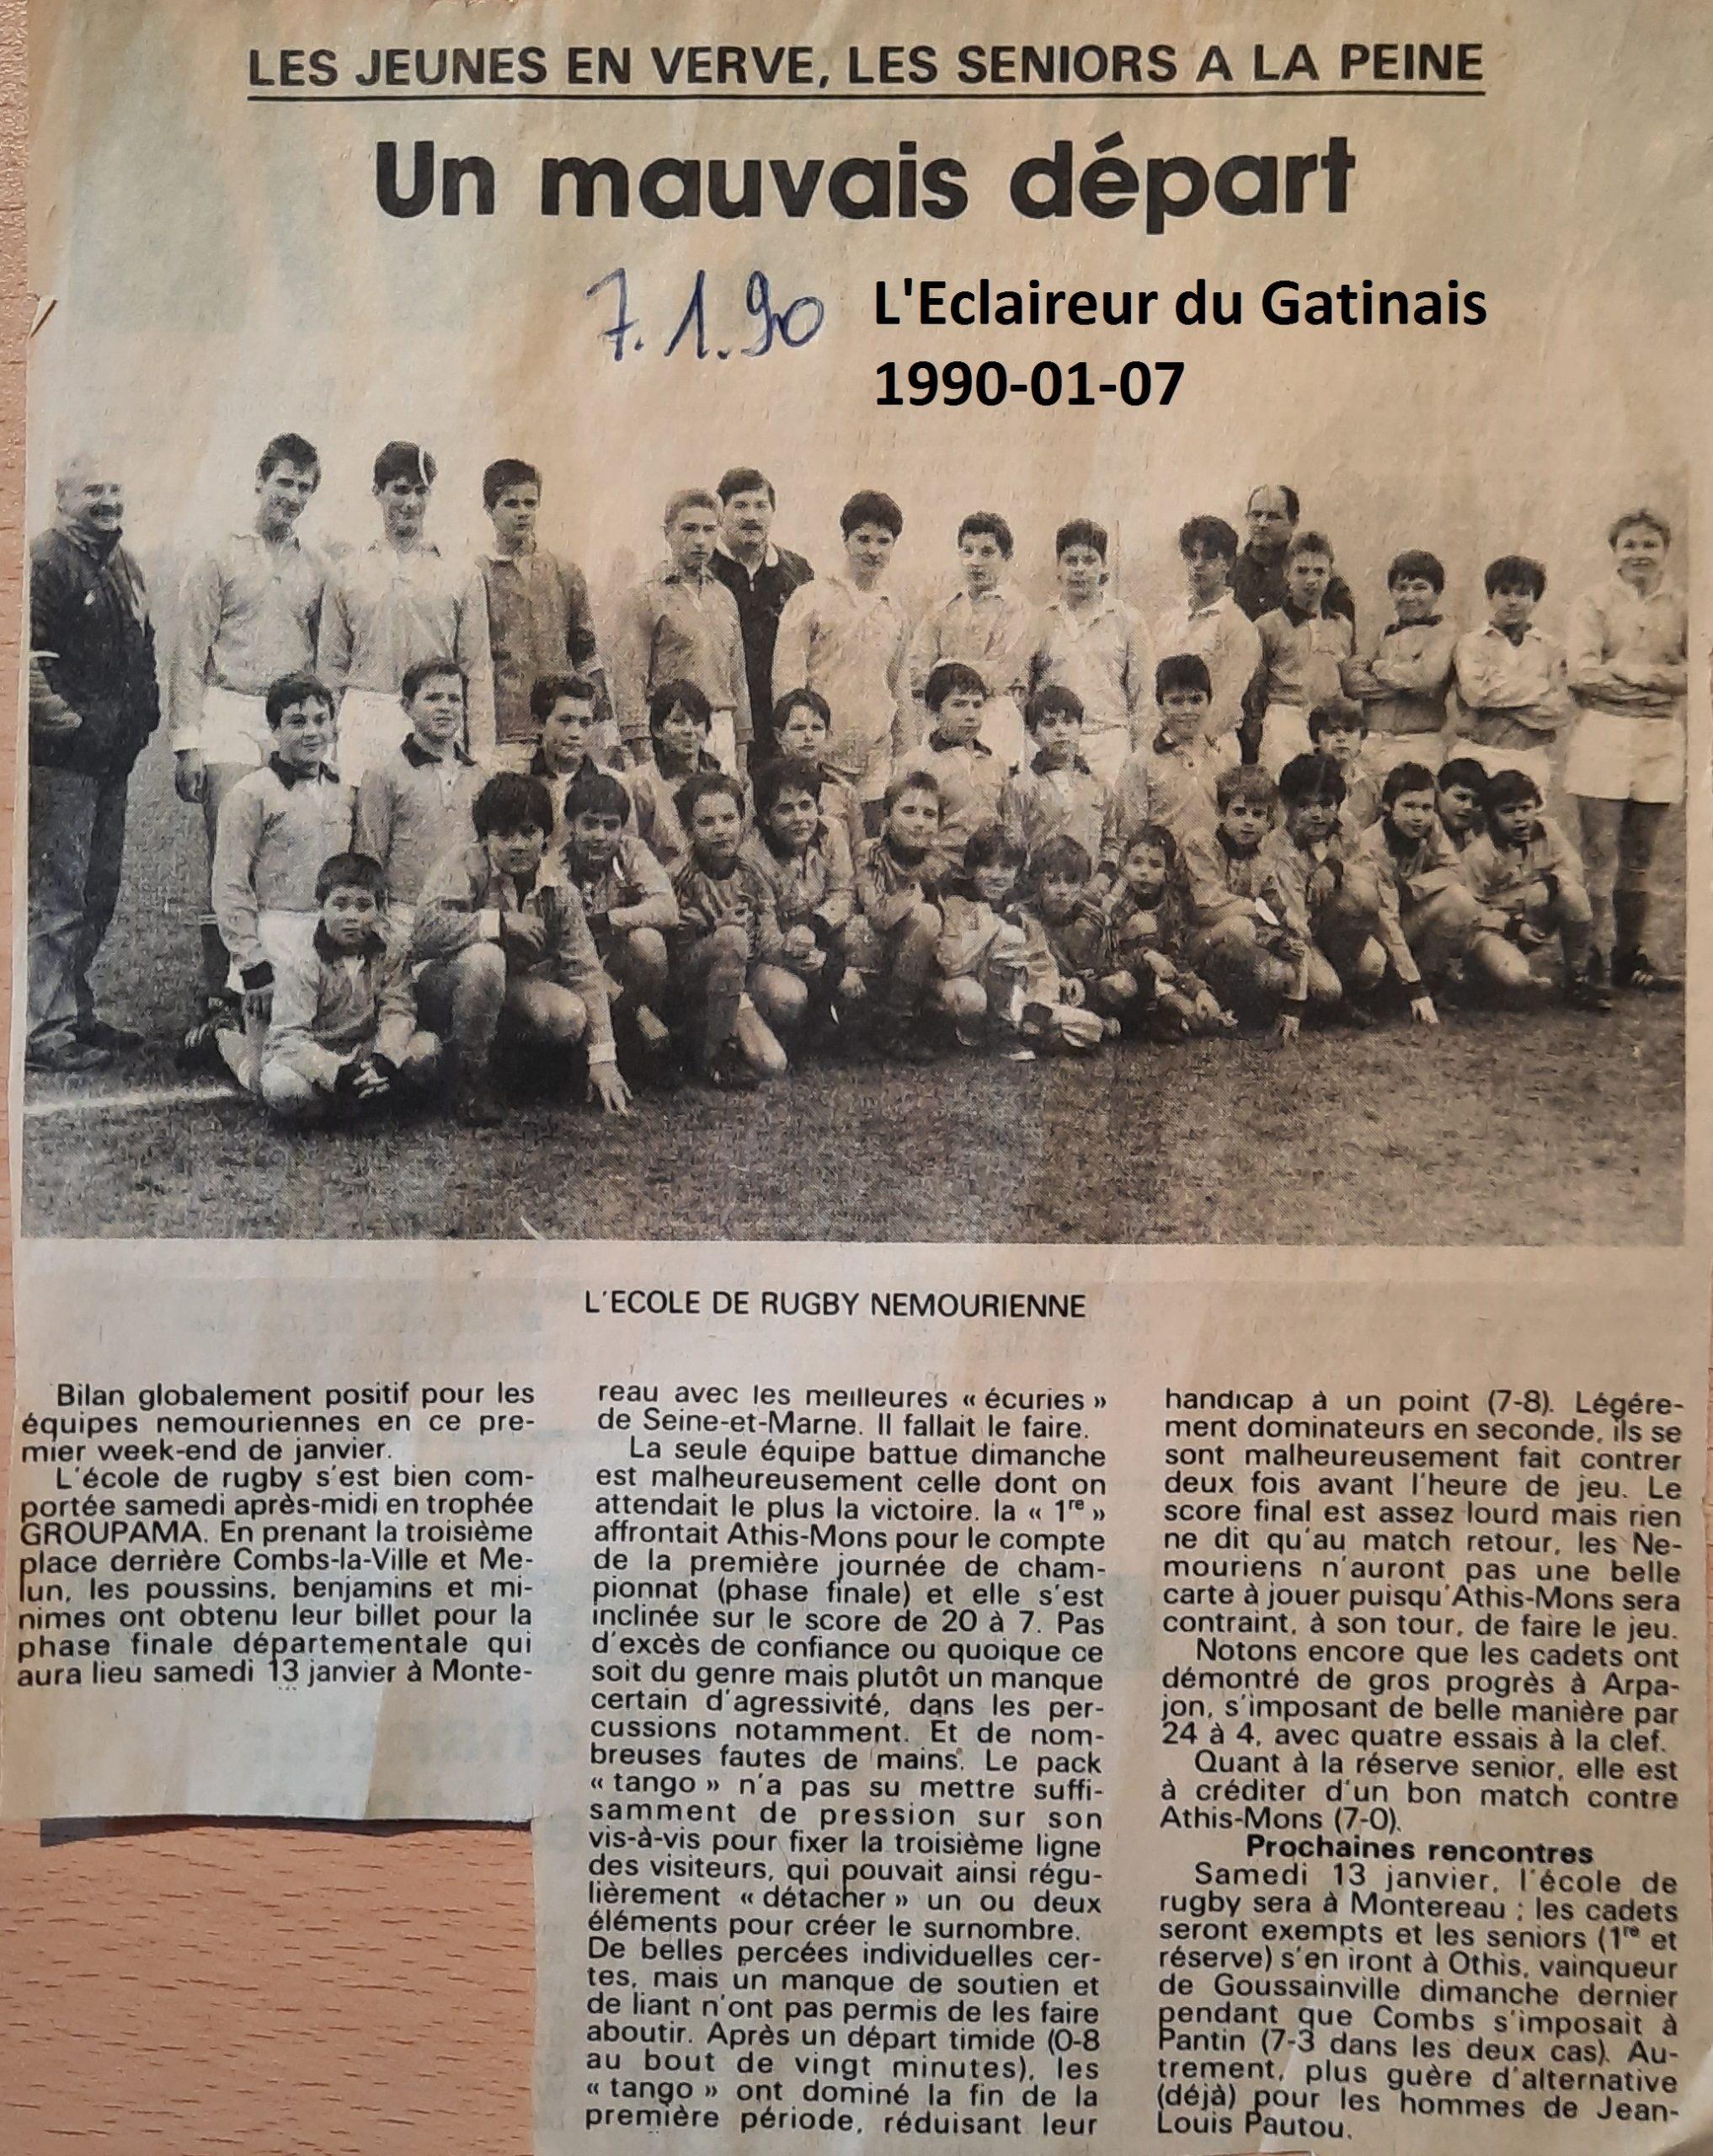 Eclaireur du Gâtinais 1990-01-07